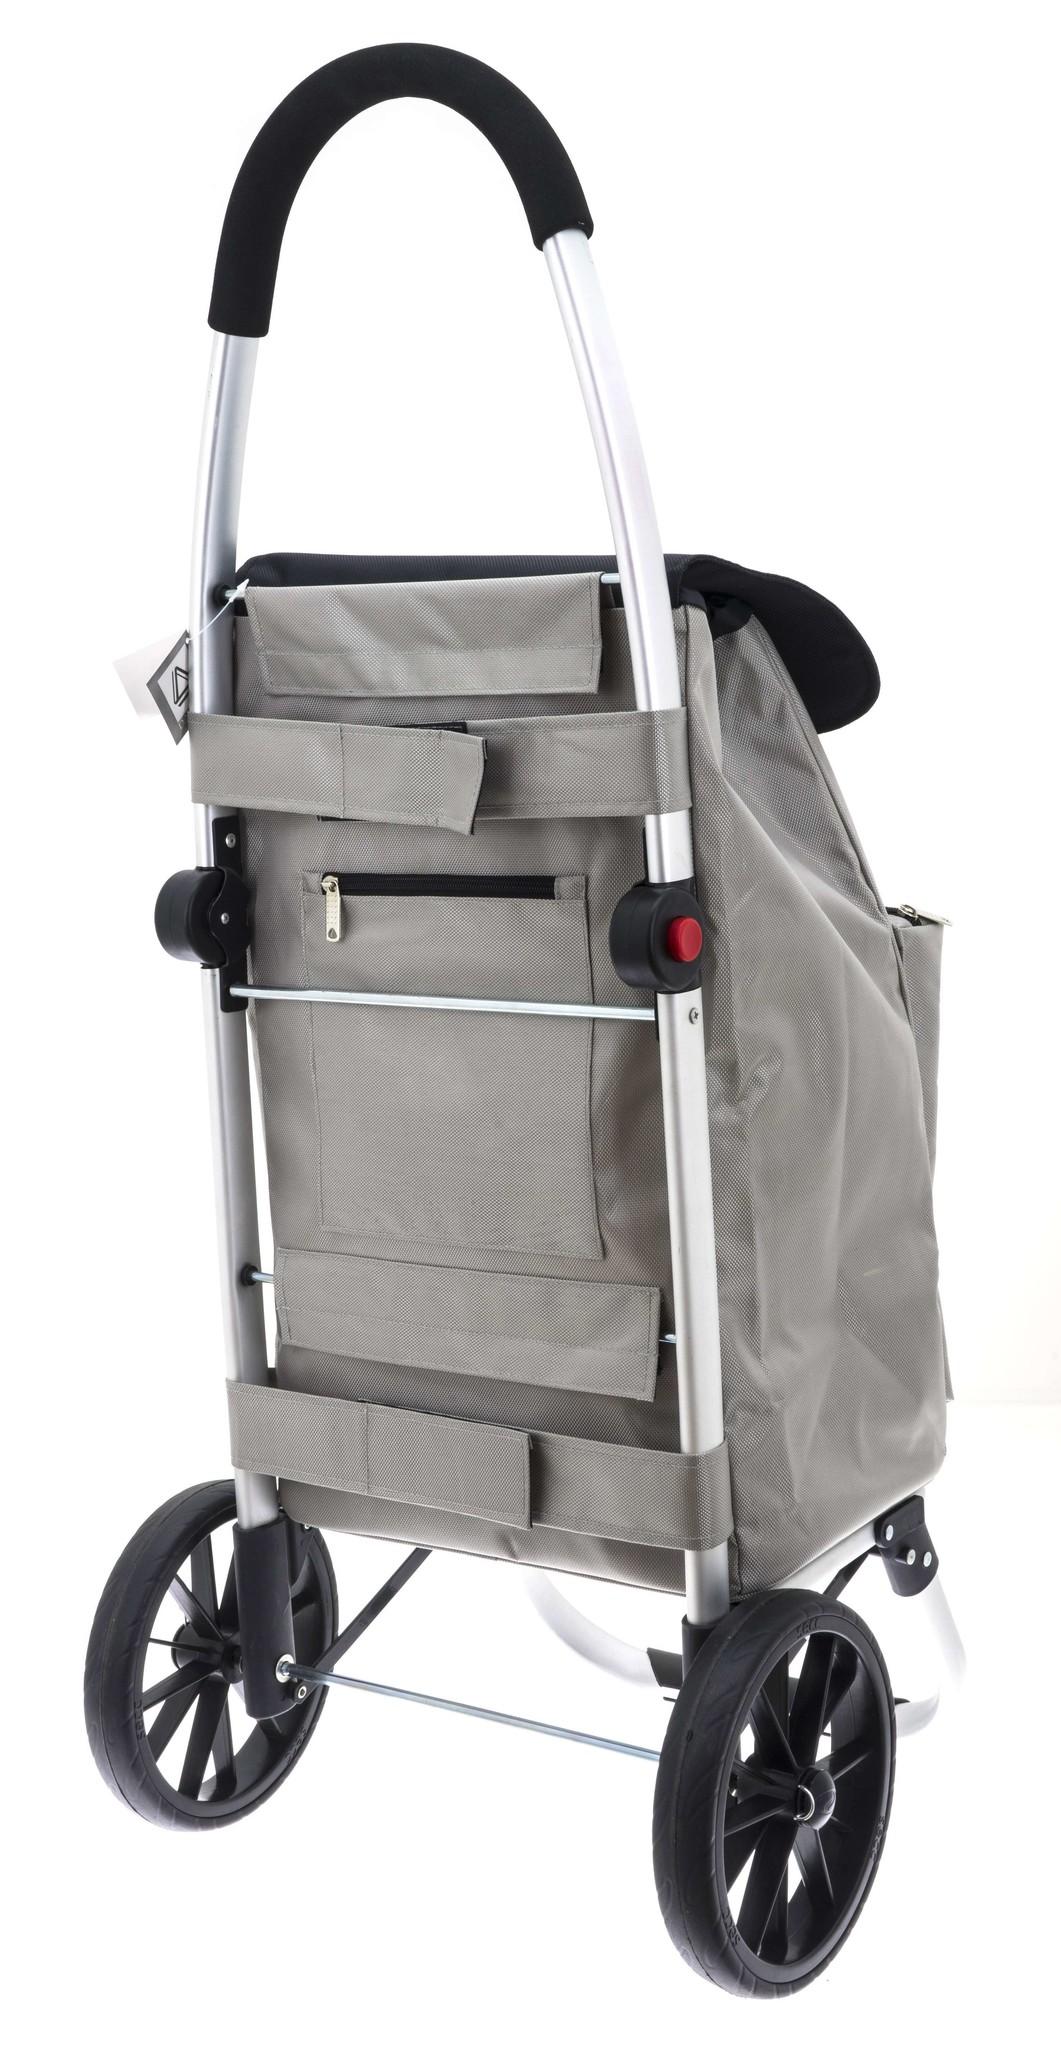 KOMFORT Einkaufswagen Silber Grau